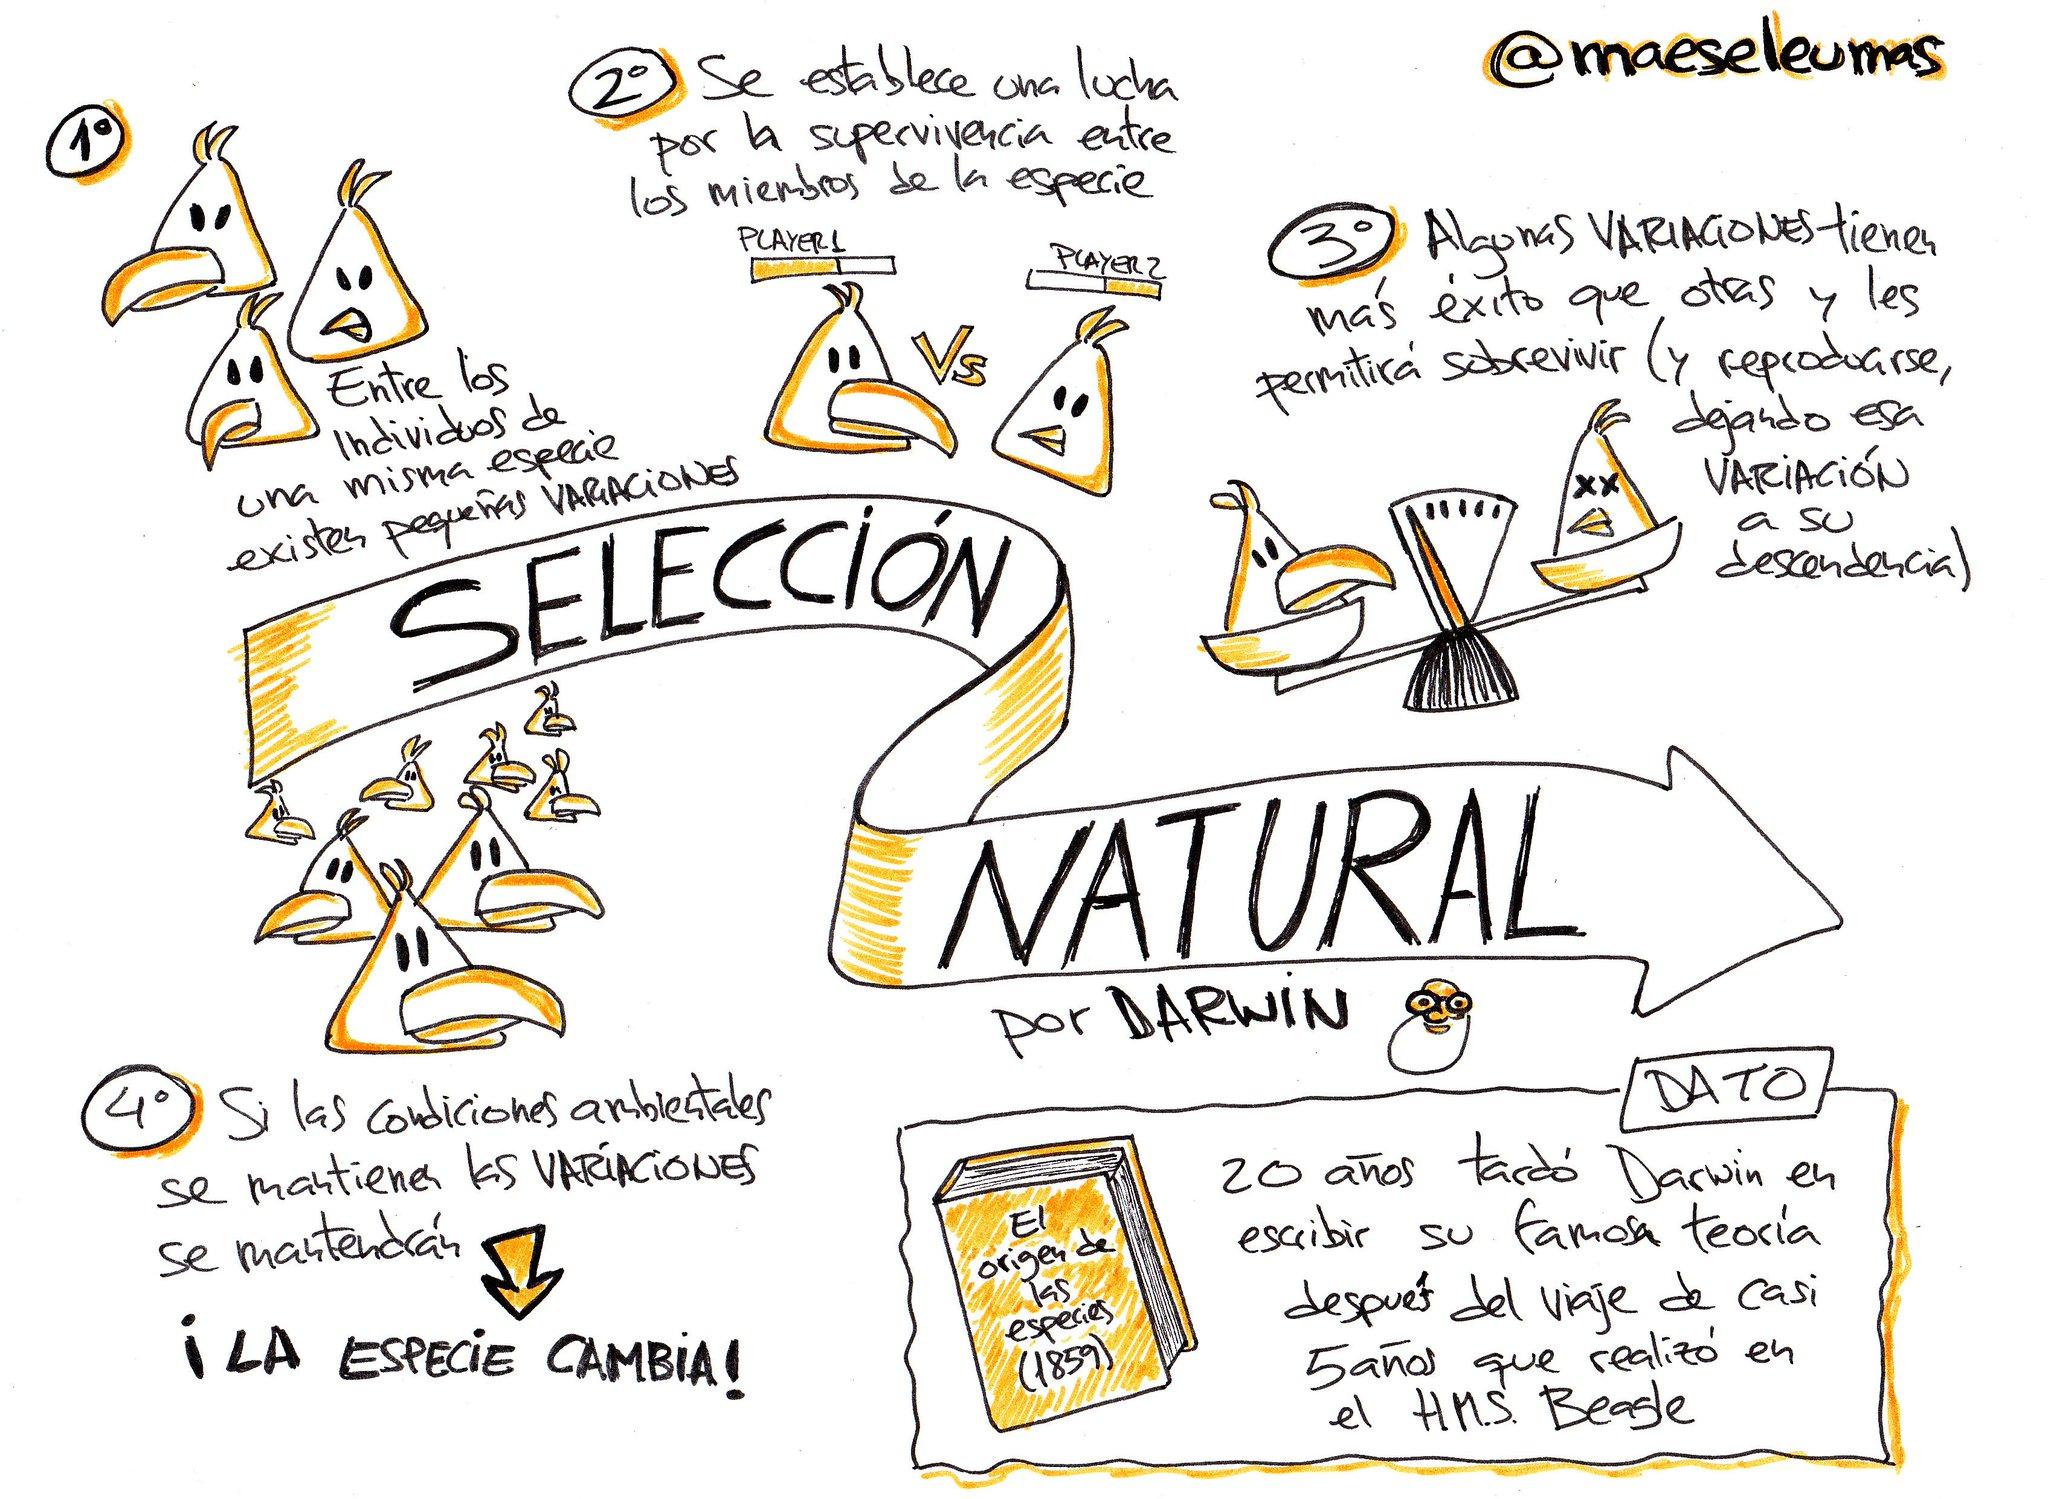 A vueltas con el NOOC de @educaINTEF de #PensarVisual... ¡ahí va mi reto con la teoría de la #SelecciónNatural de Darwin! https://t.co/GeXqZ7TjN3